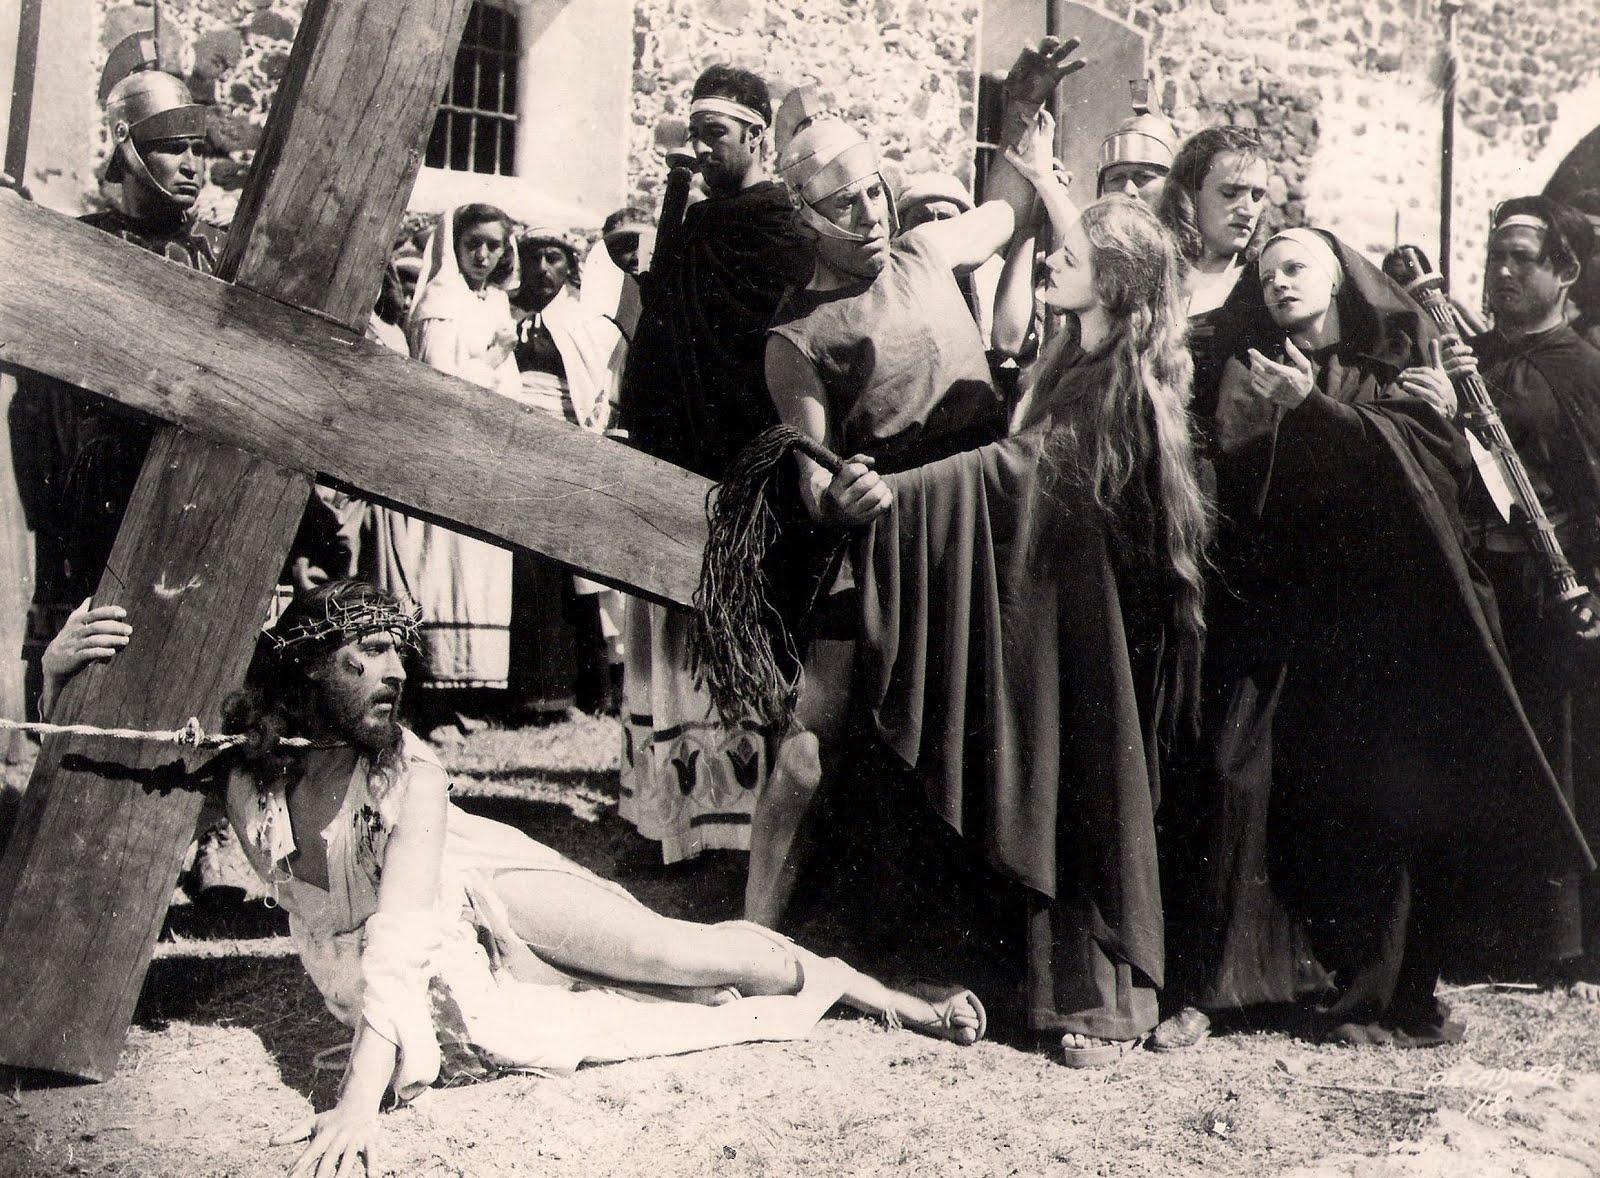 Luana Alcañiz, Luis Alcoriza, Rafael Banquells, Stephen Berne, and Medea de Novara in María Magdalena, pecadora de Magdala (1946)